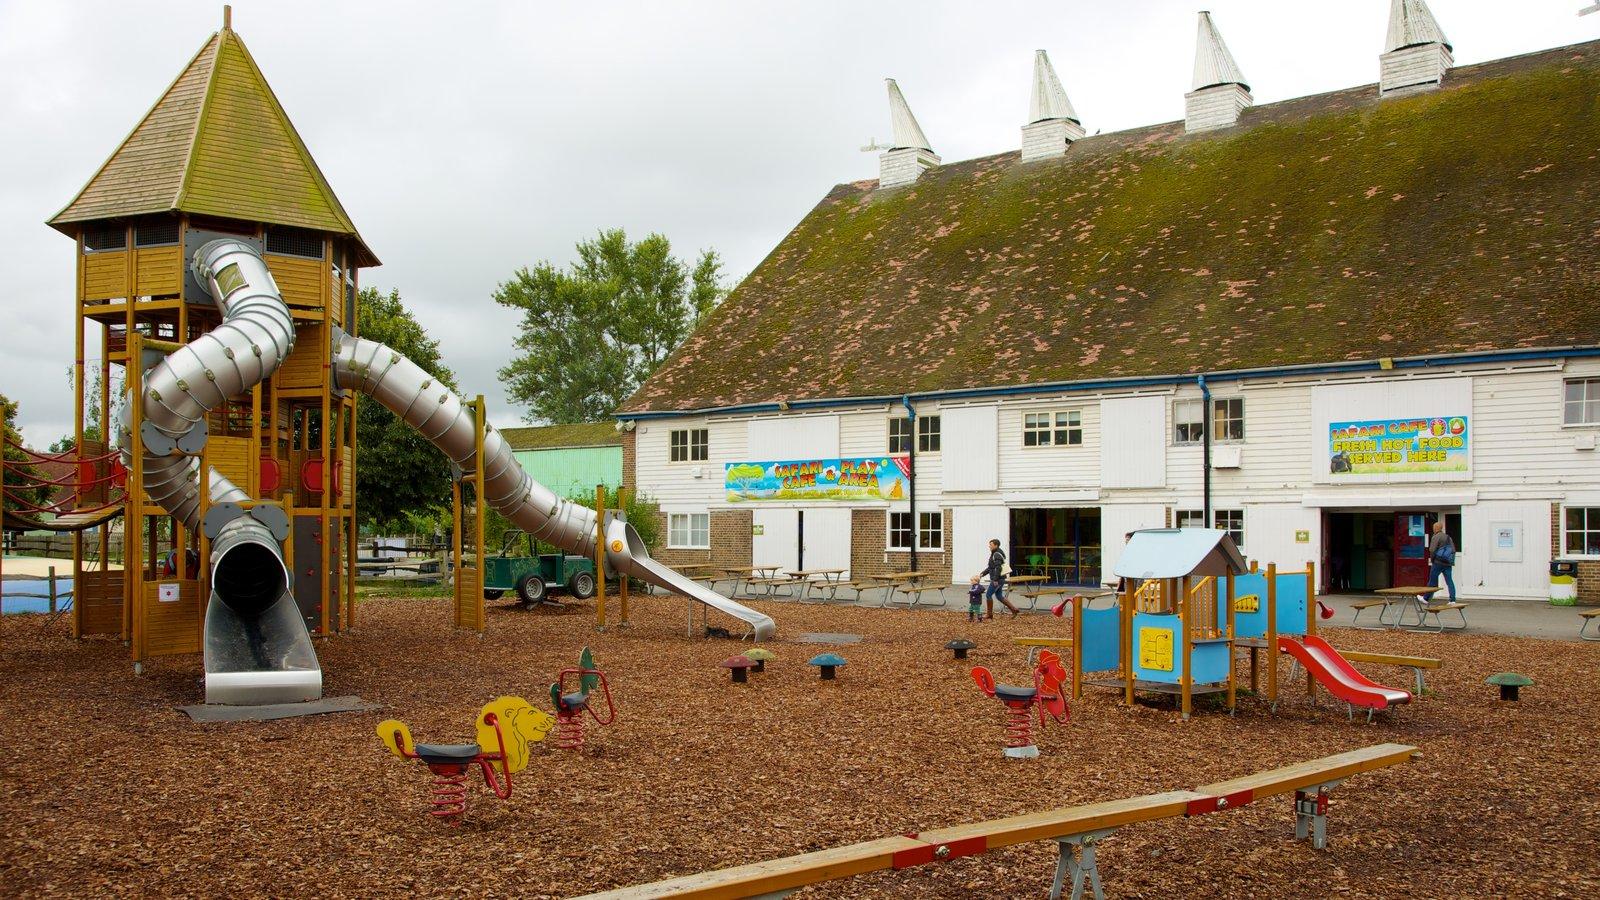 Parque familiar Hop Farm mostrando un parque infantil